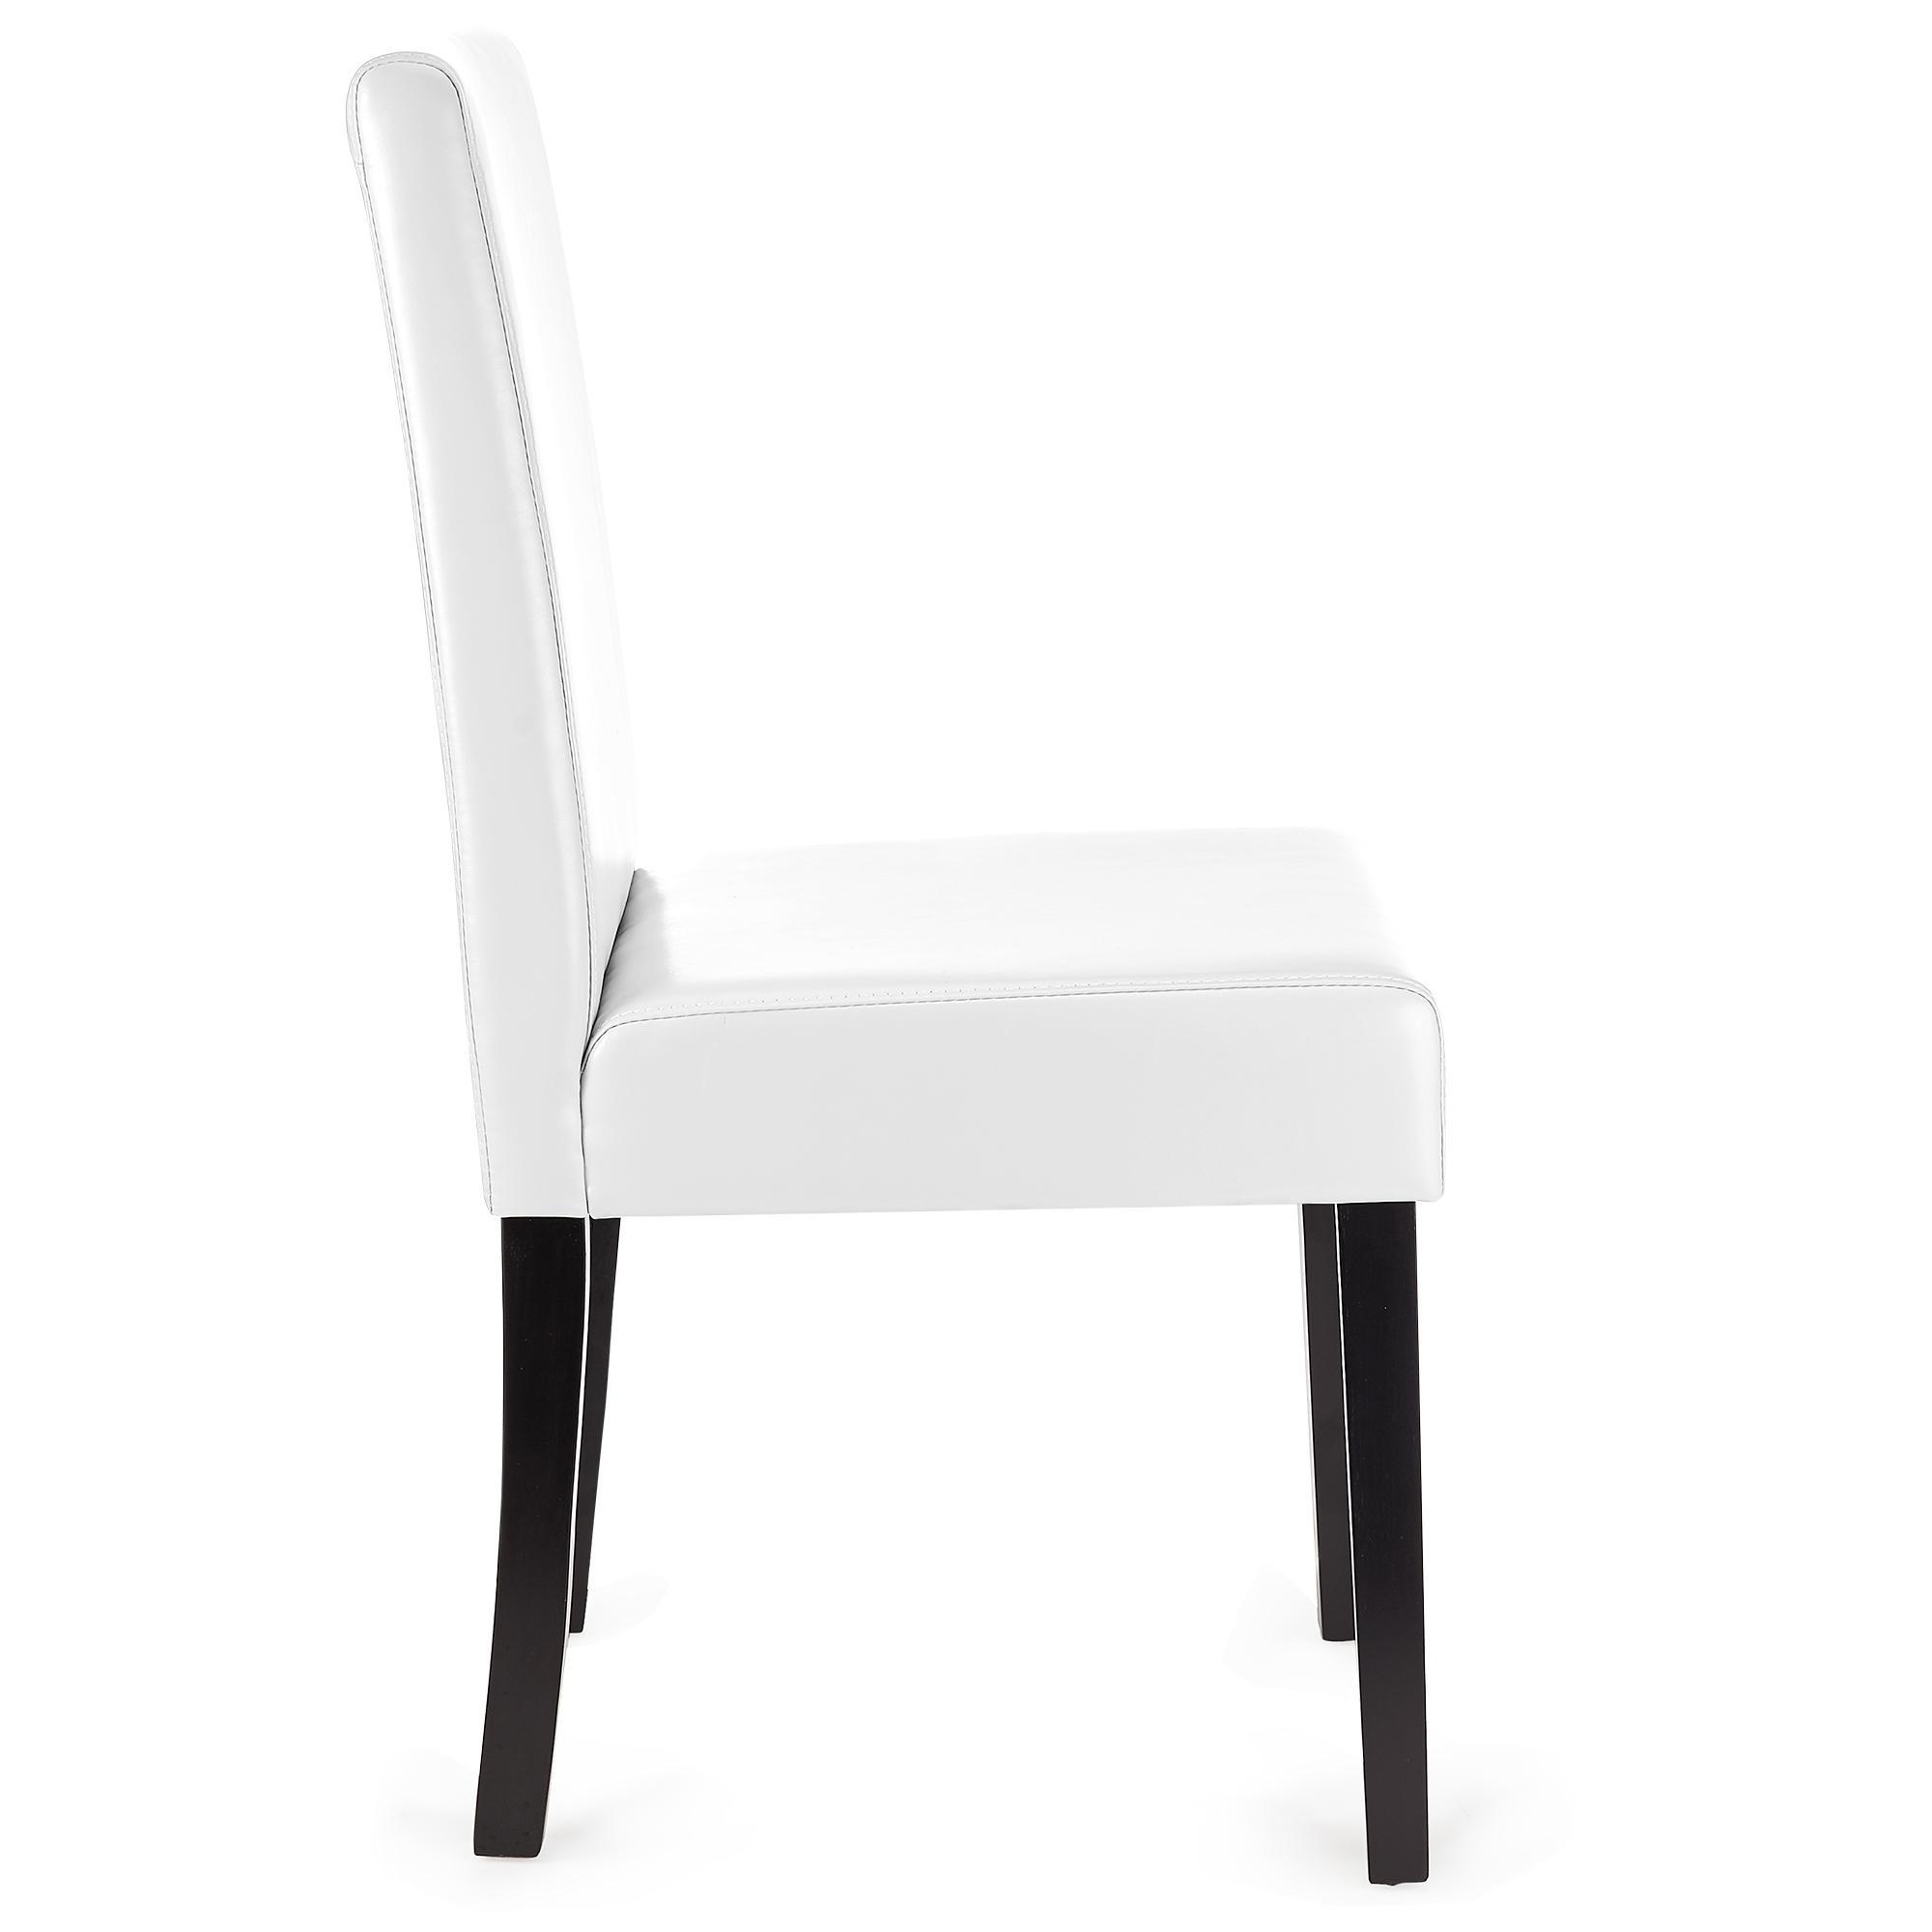 Conjunto 6 sillas de comedor muy robustas nicas gran for Sillas diseno oferta